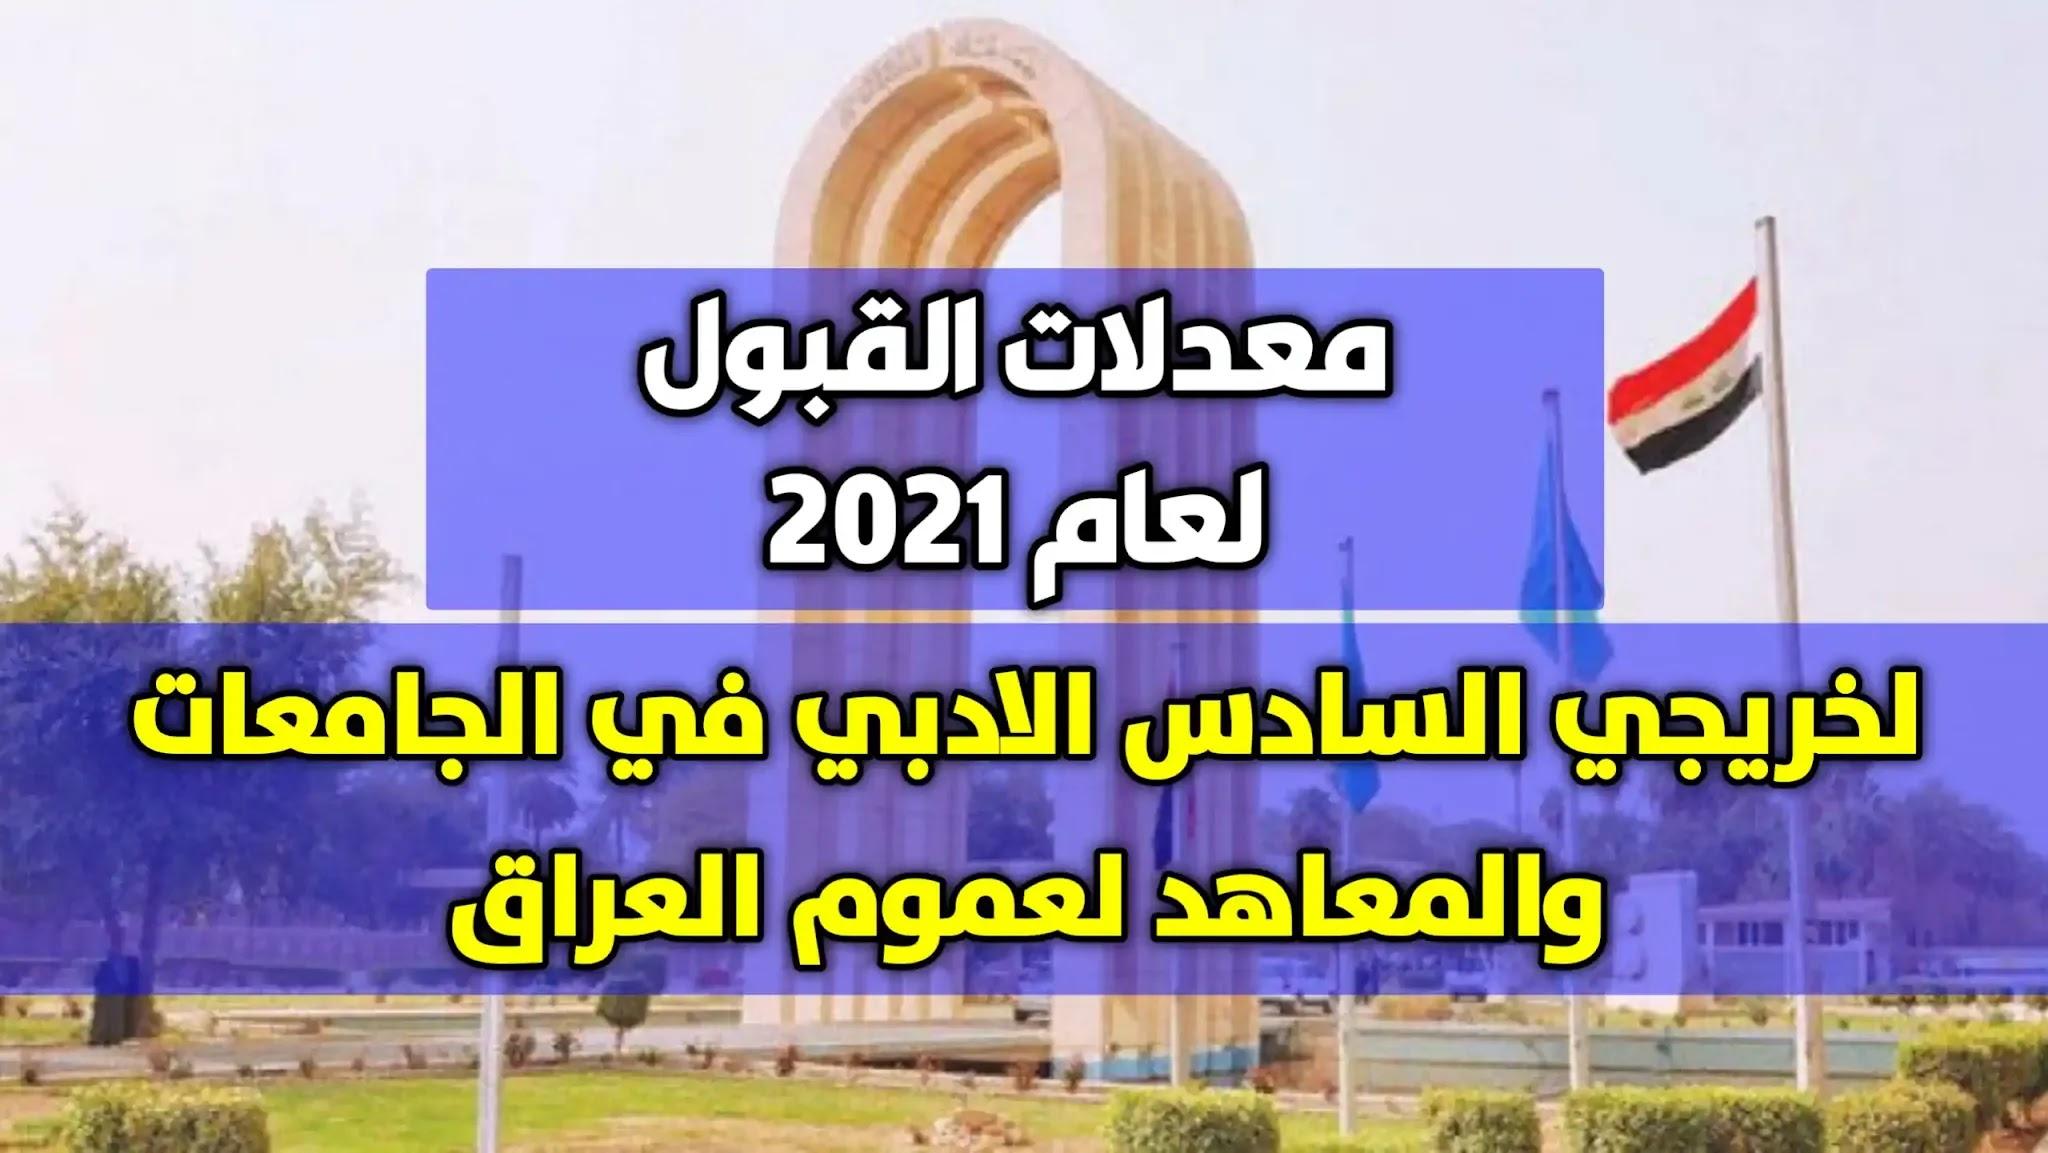 تعرف على المعدلات المطلوبه لجامعات ومعاهد العراق للصف السادس الادبي من العام الدراسي 2021 مع الحدود الدنيا